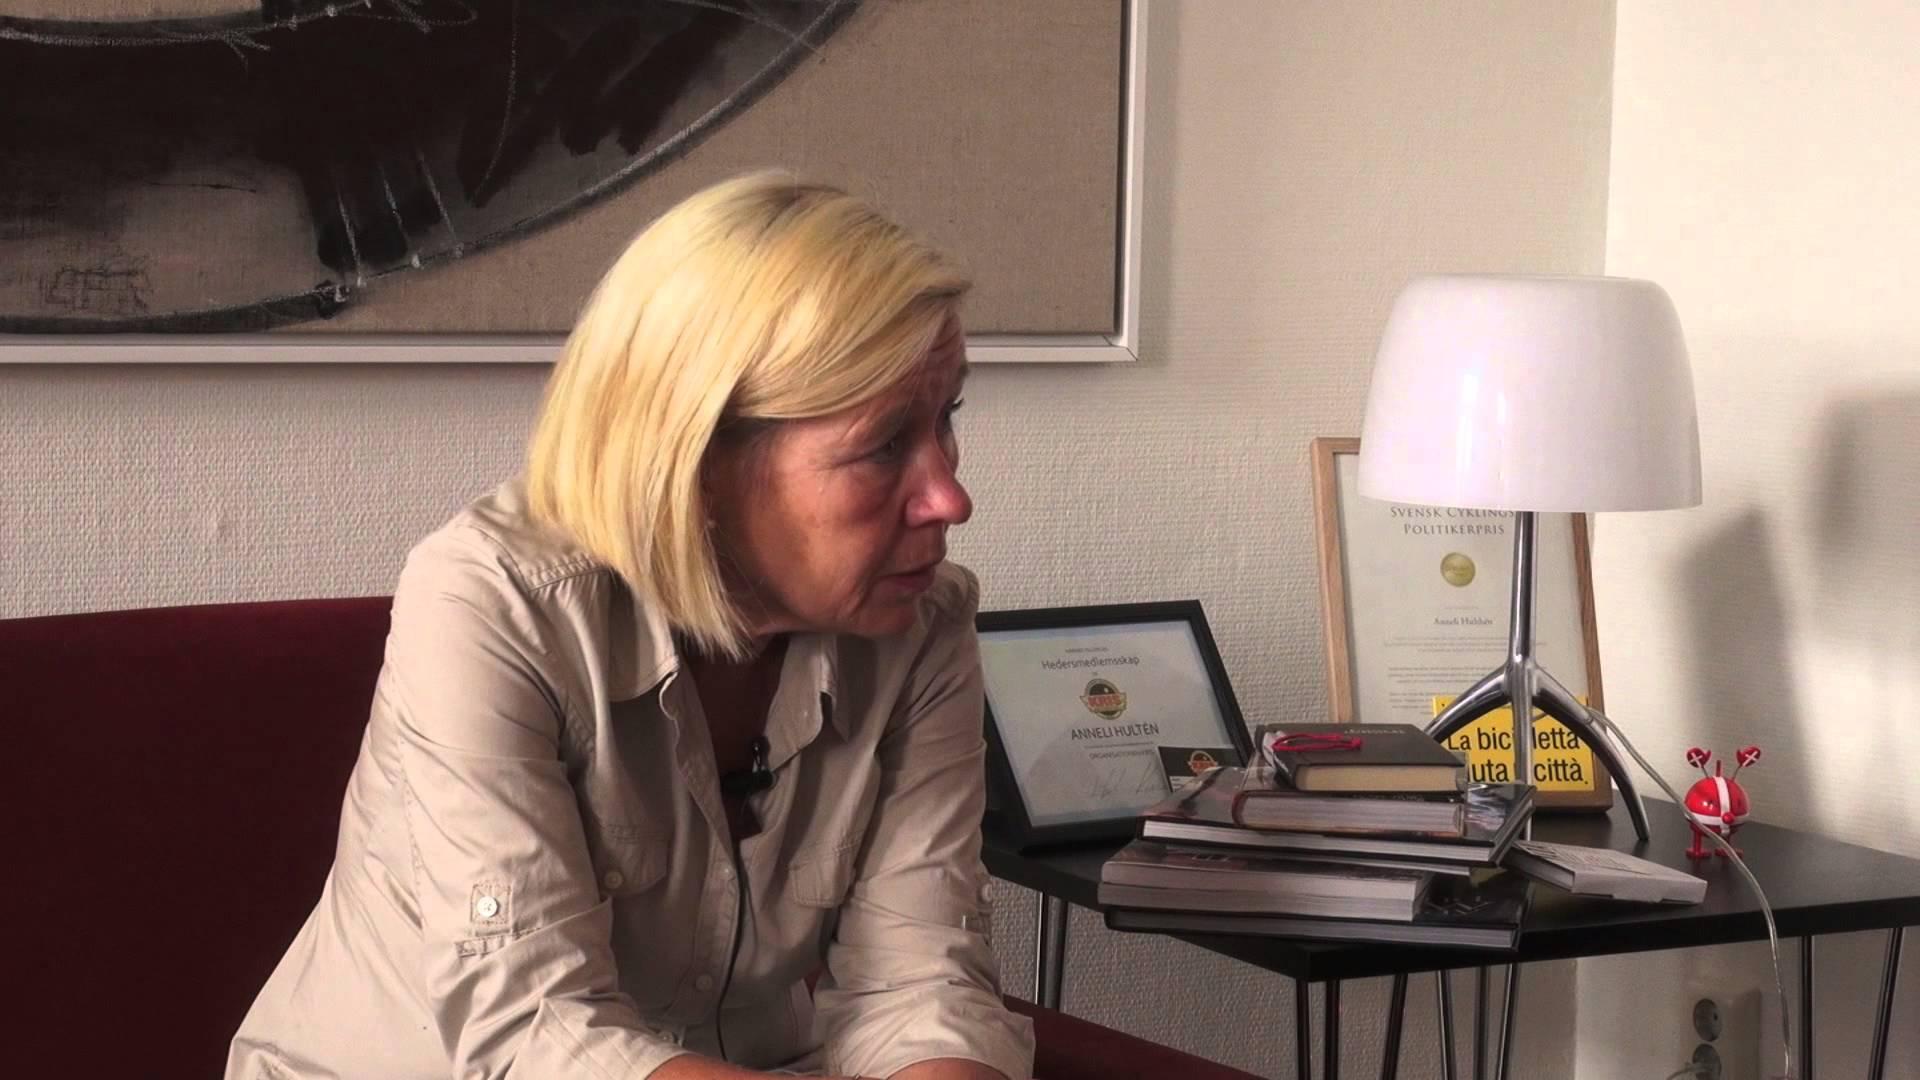 Aldrig eftermiddagar med Krisztina. Avsnitt 2: Anneli Hulthén